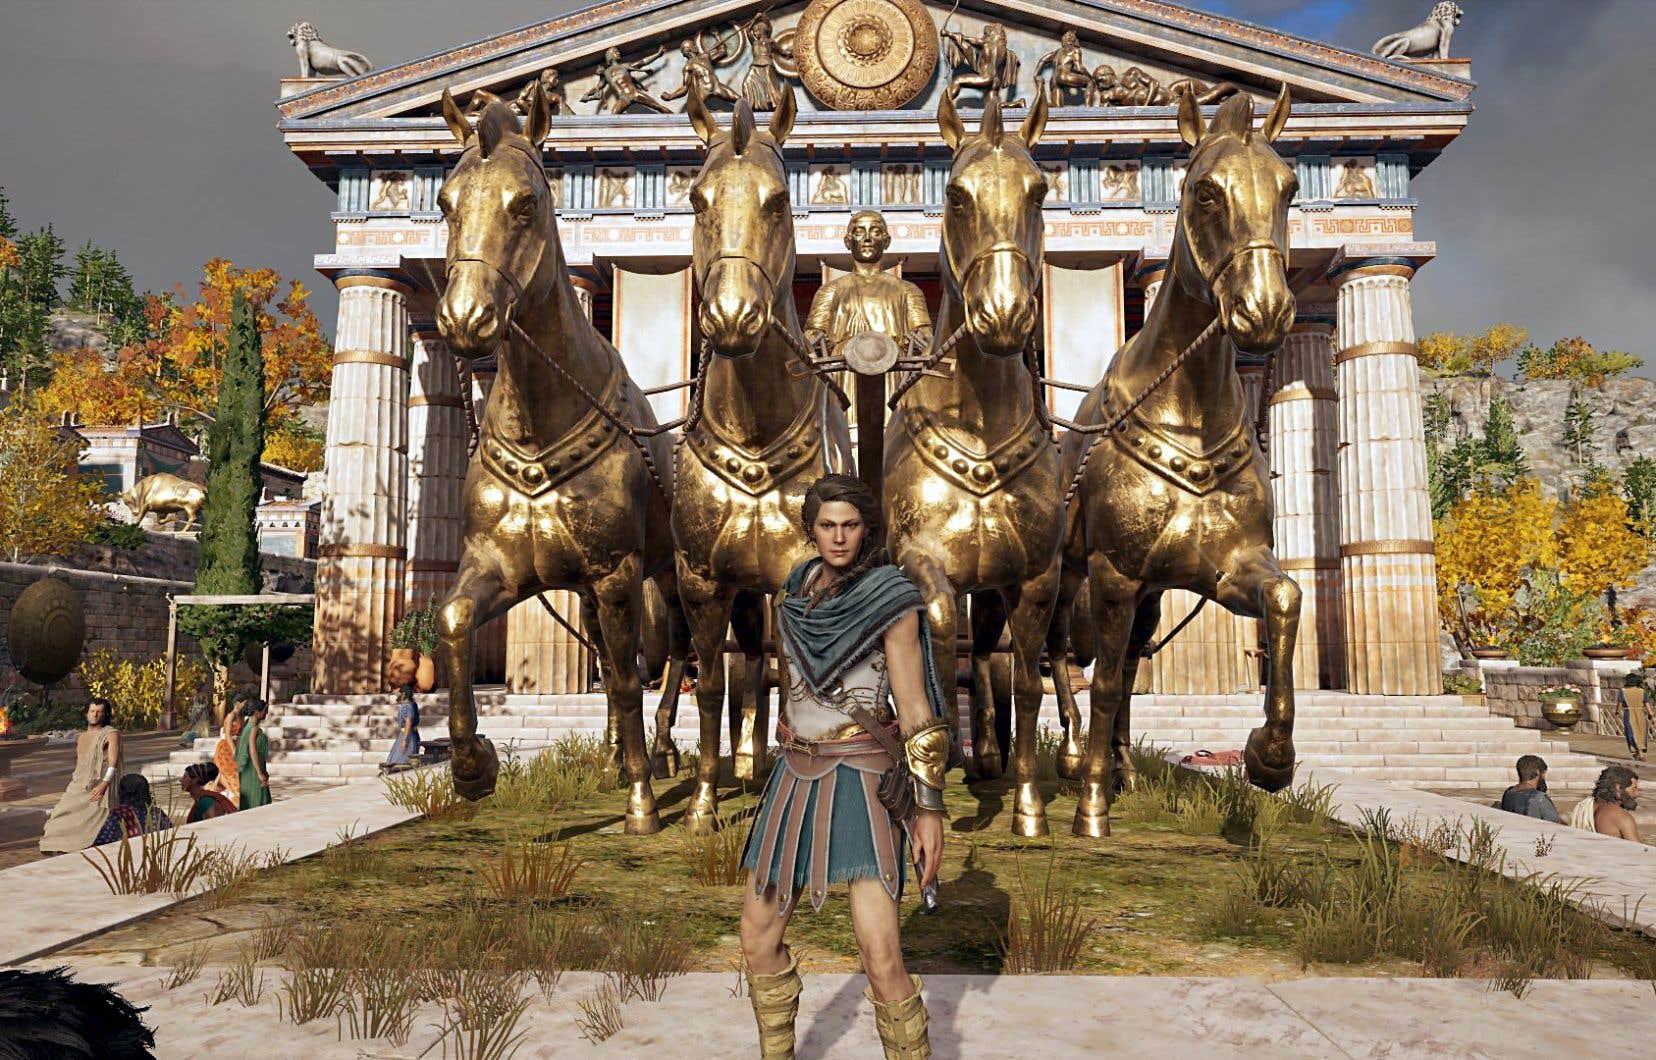 L'esthétique du jeu «Odyssey» est très réaliste. Pour valider son visuel, l'équipe d'Ubisoft a fait appel à une docteure en histoire et historienne.